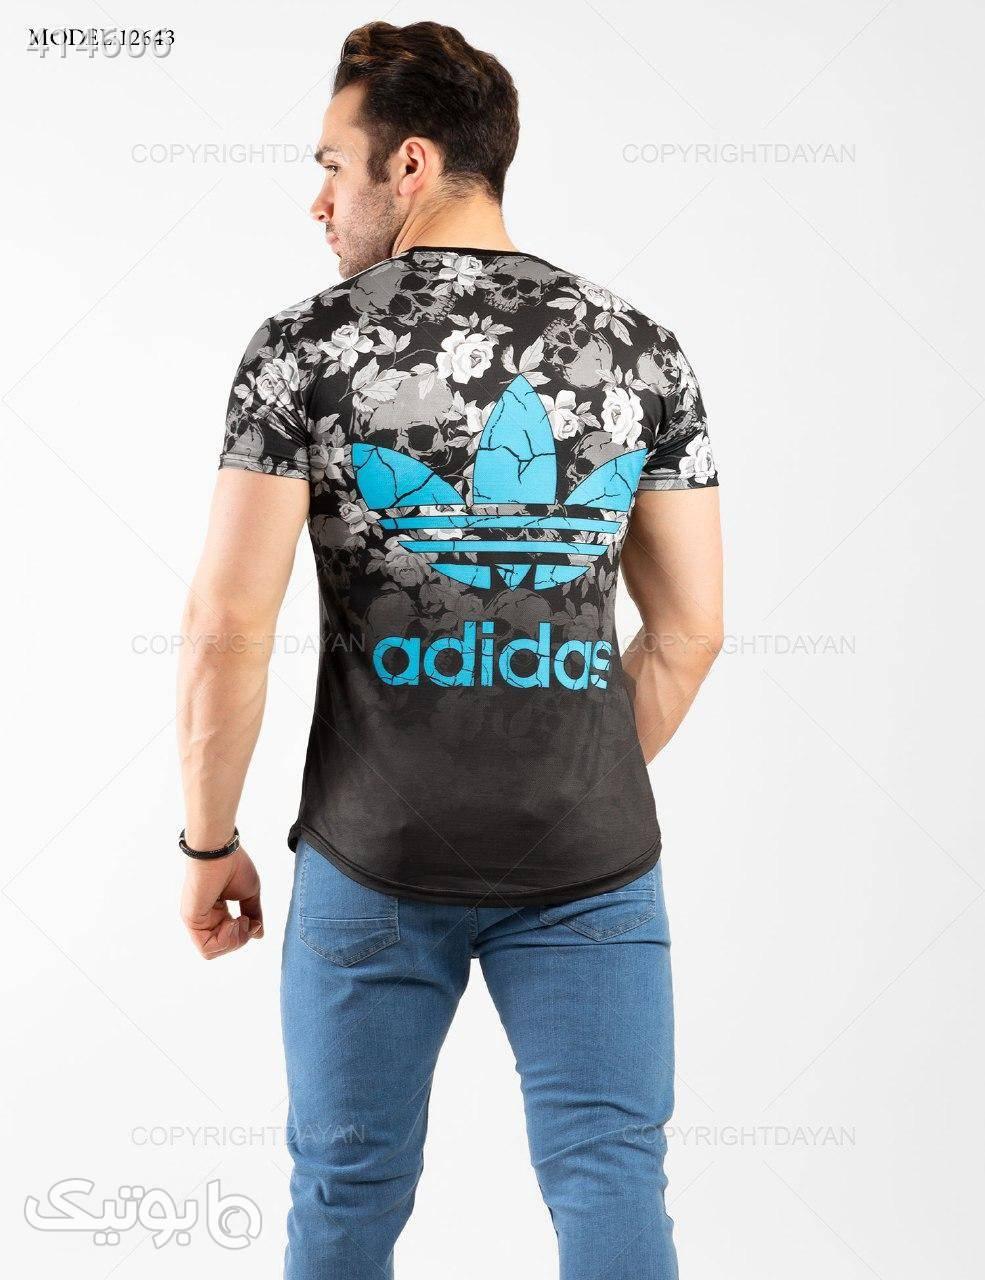 تیشرت مردانه Adidas مدل 12643 آبی تی شرت و پولو شرت مردانه